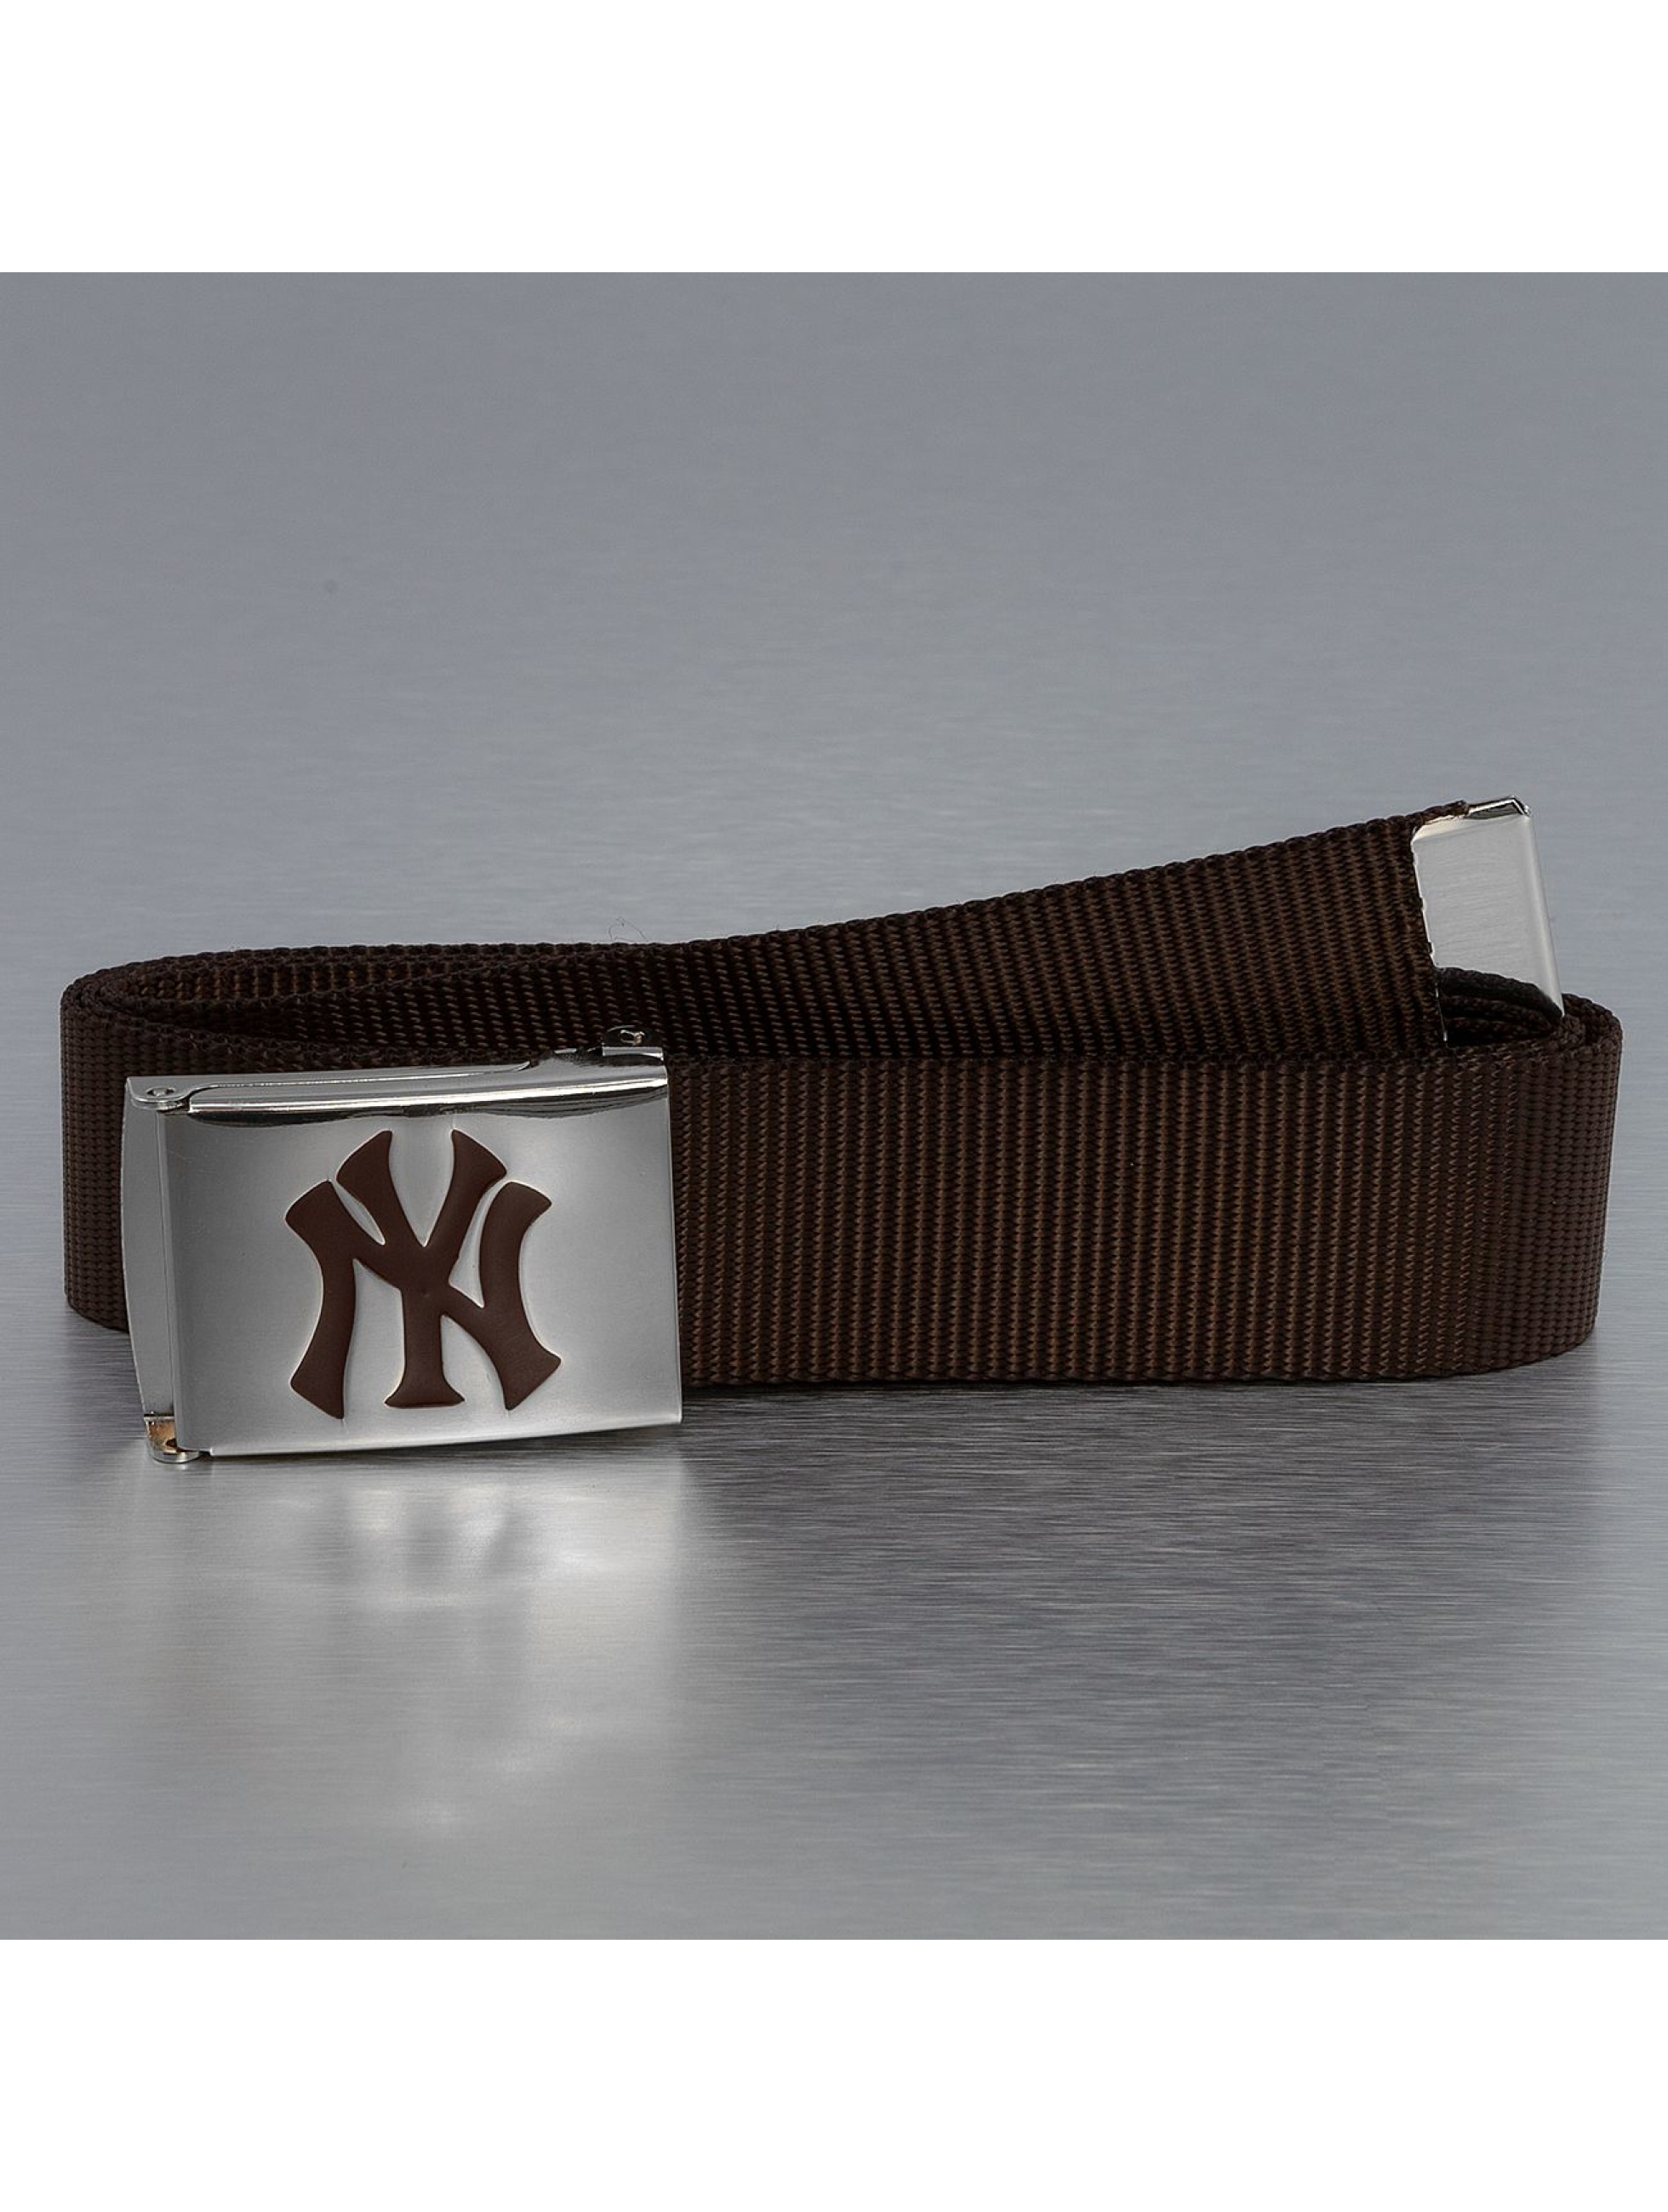 MLB Männer,Frauen Gürtel MLB NY Yankees Premium Woven in braun